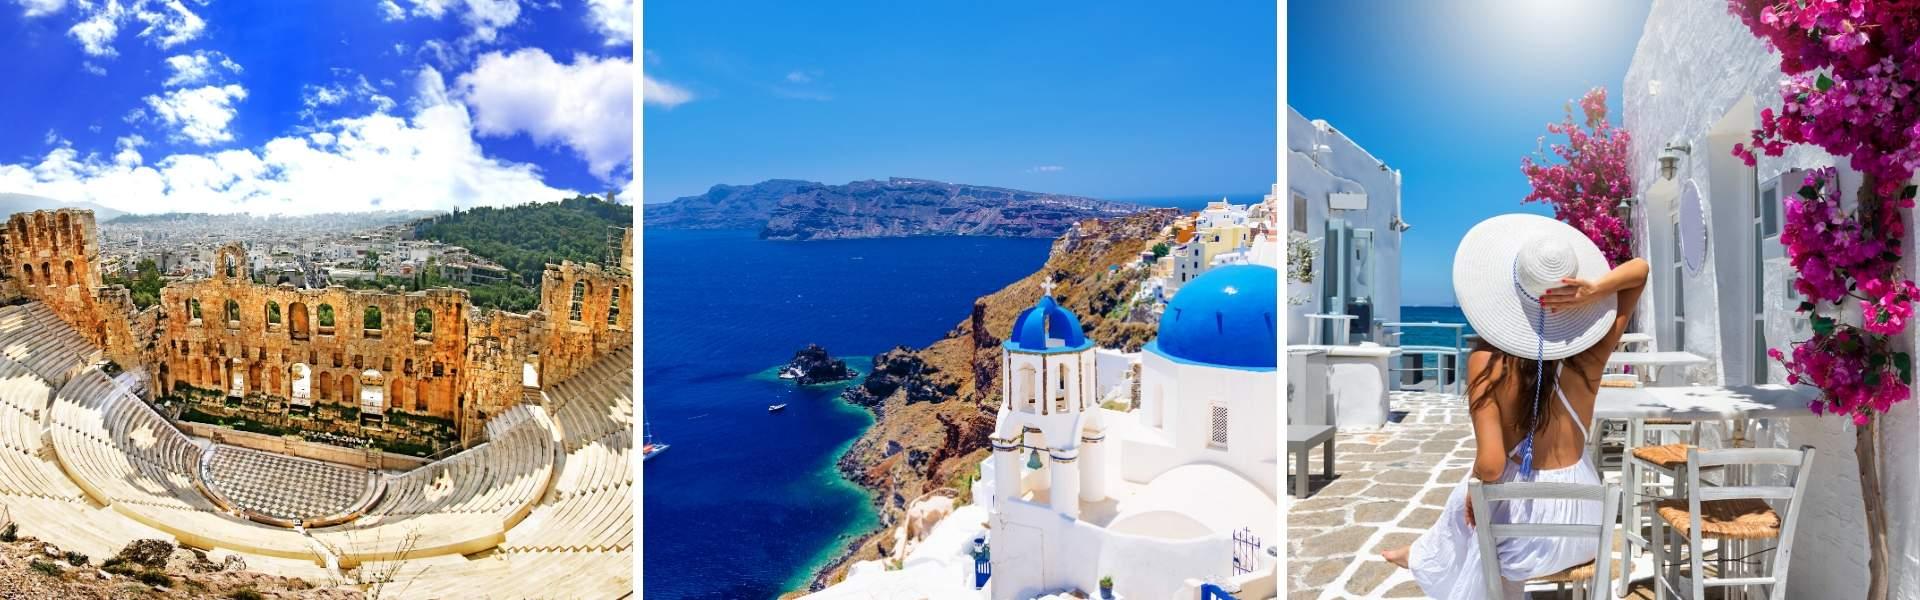 Unforgetabble Greece